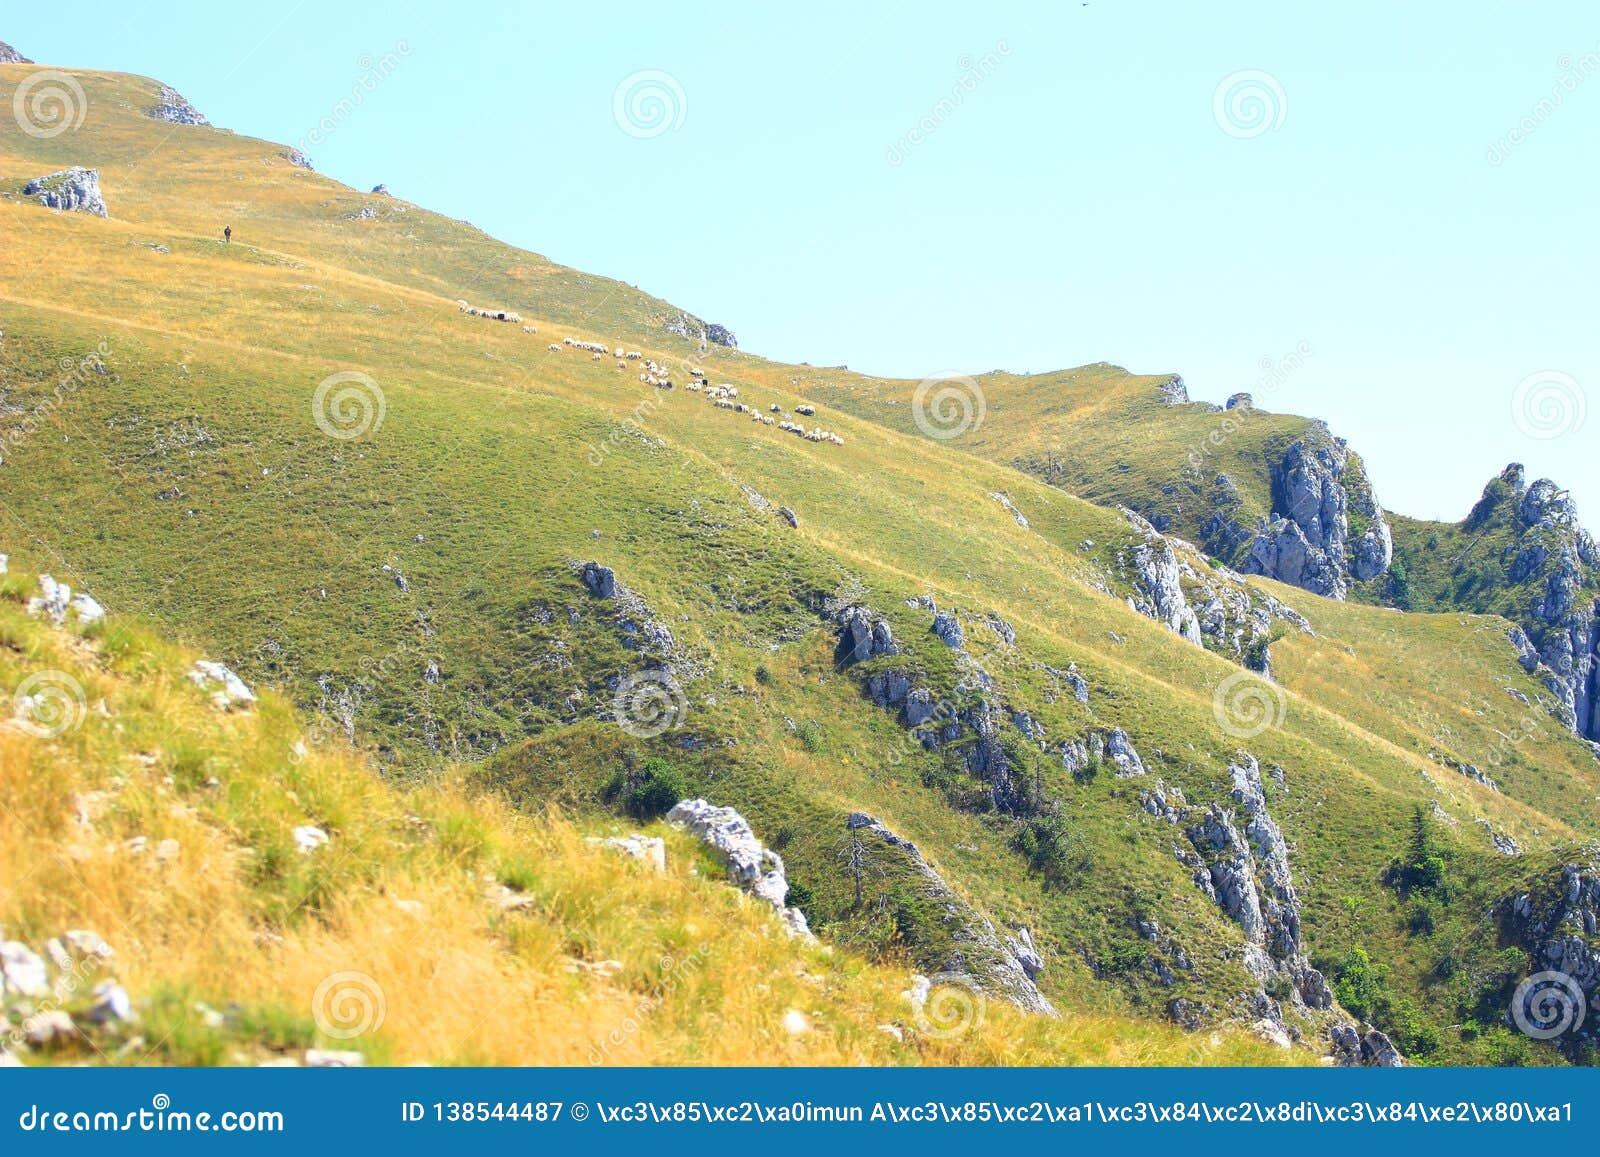 Овцы собираются на луге горы